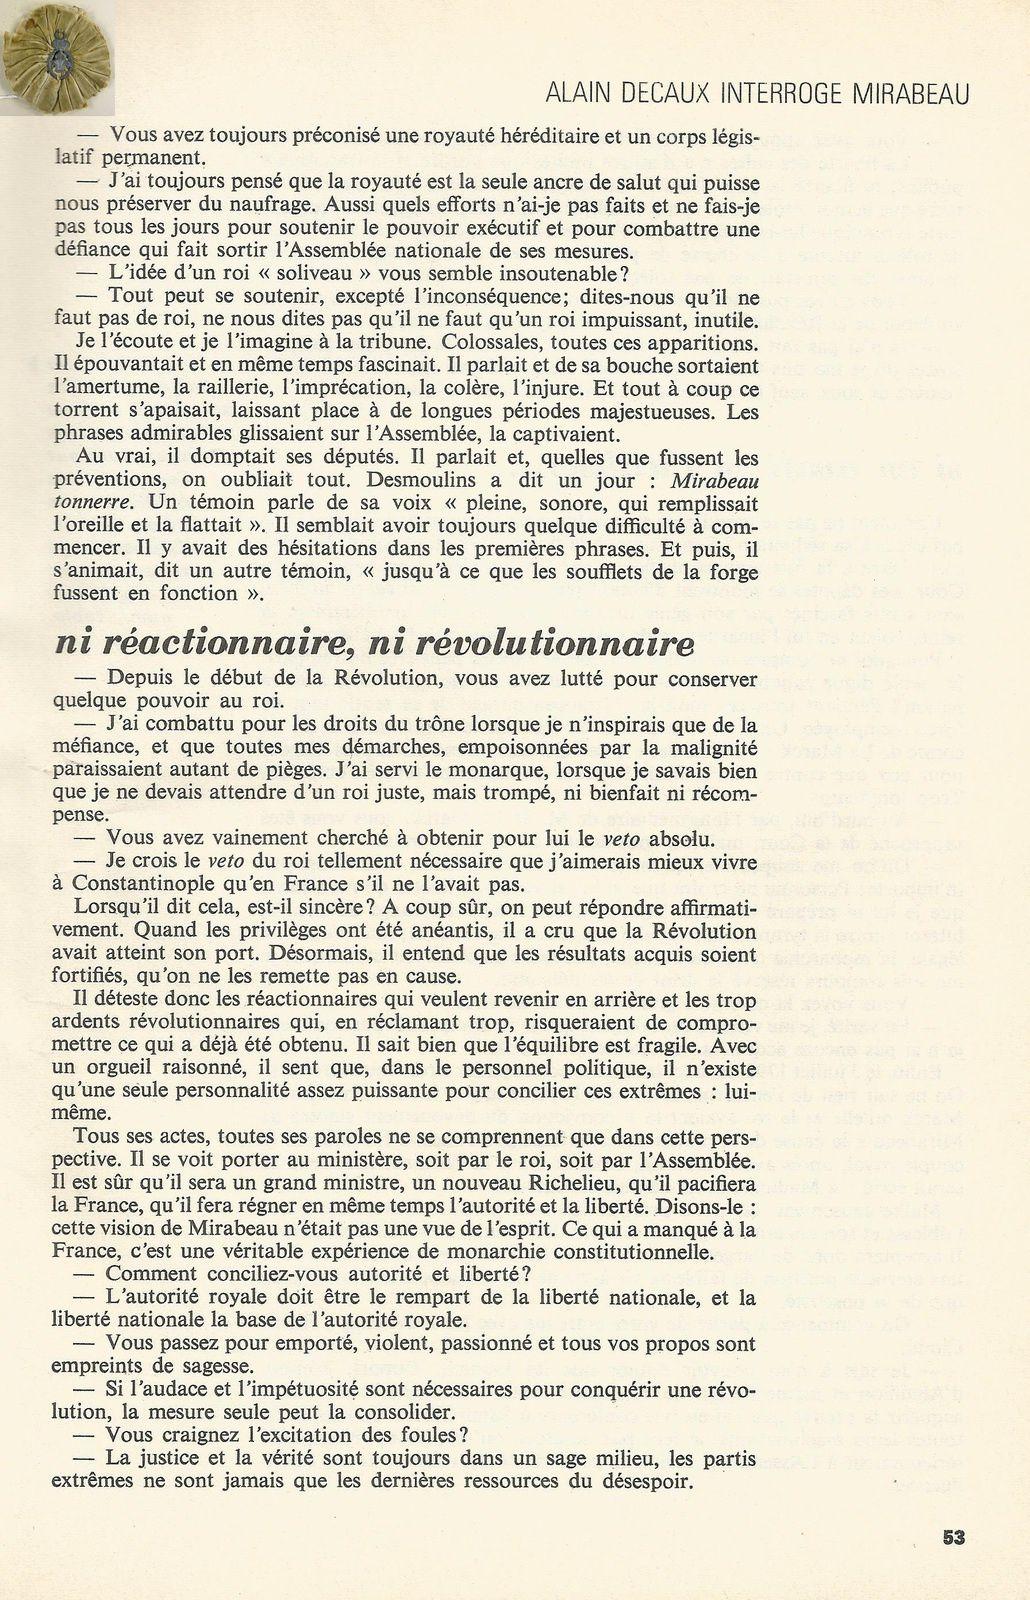 HISTORIA NUMÉRO 350 - JANVIER 1976